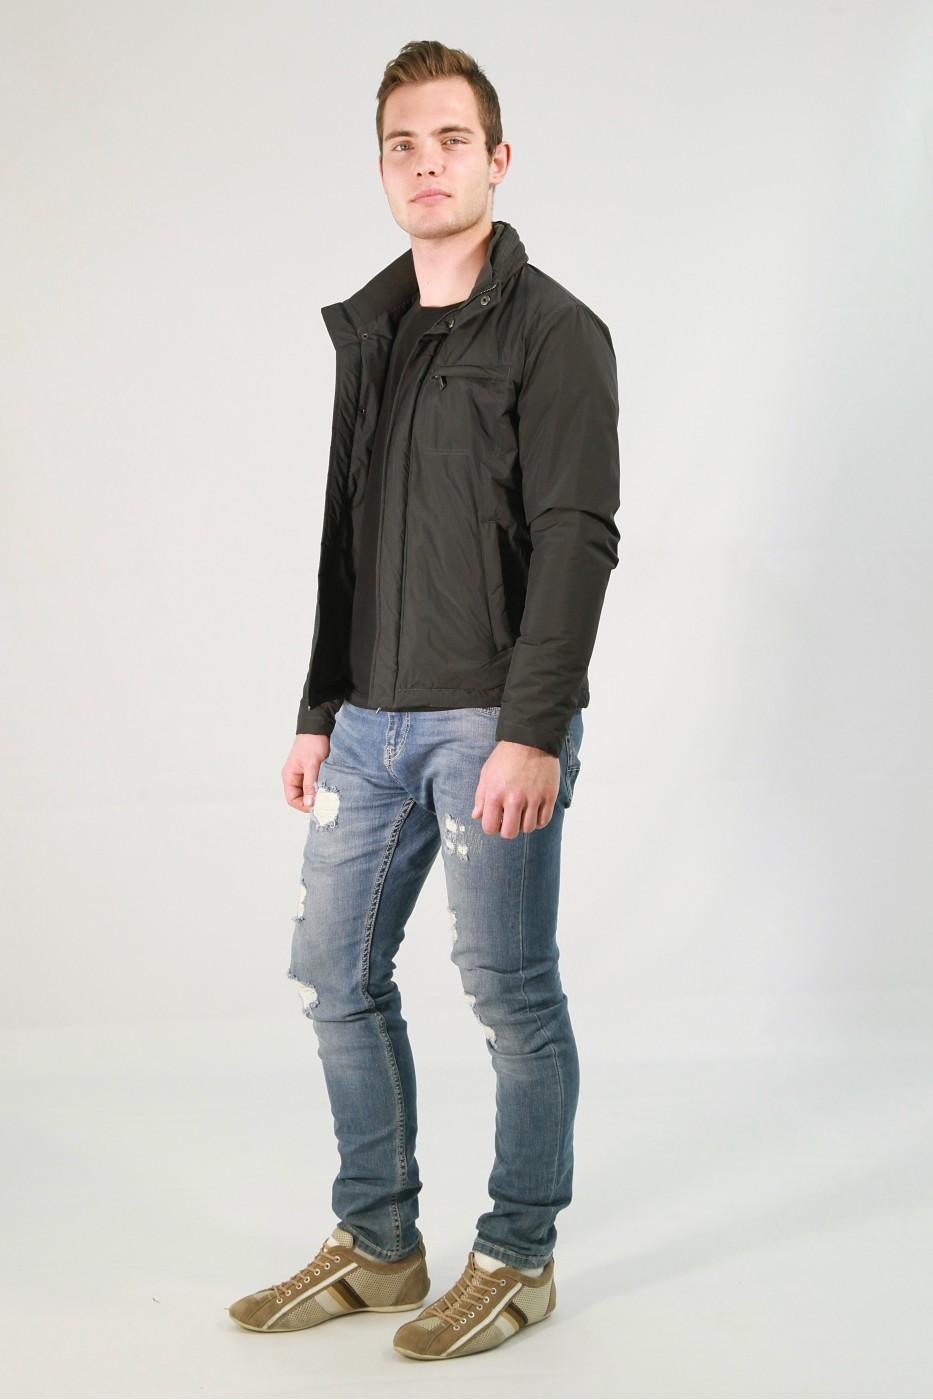 Чёрная мужская куртка кэжуал НМЗ-183